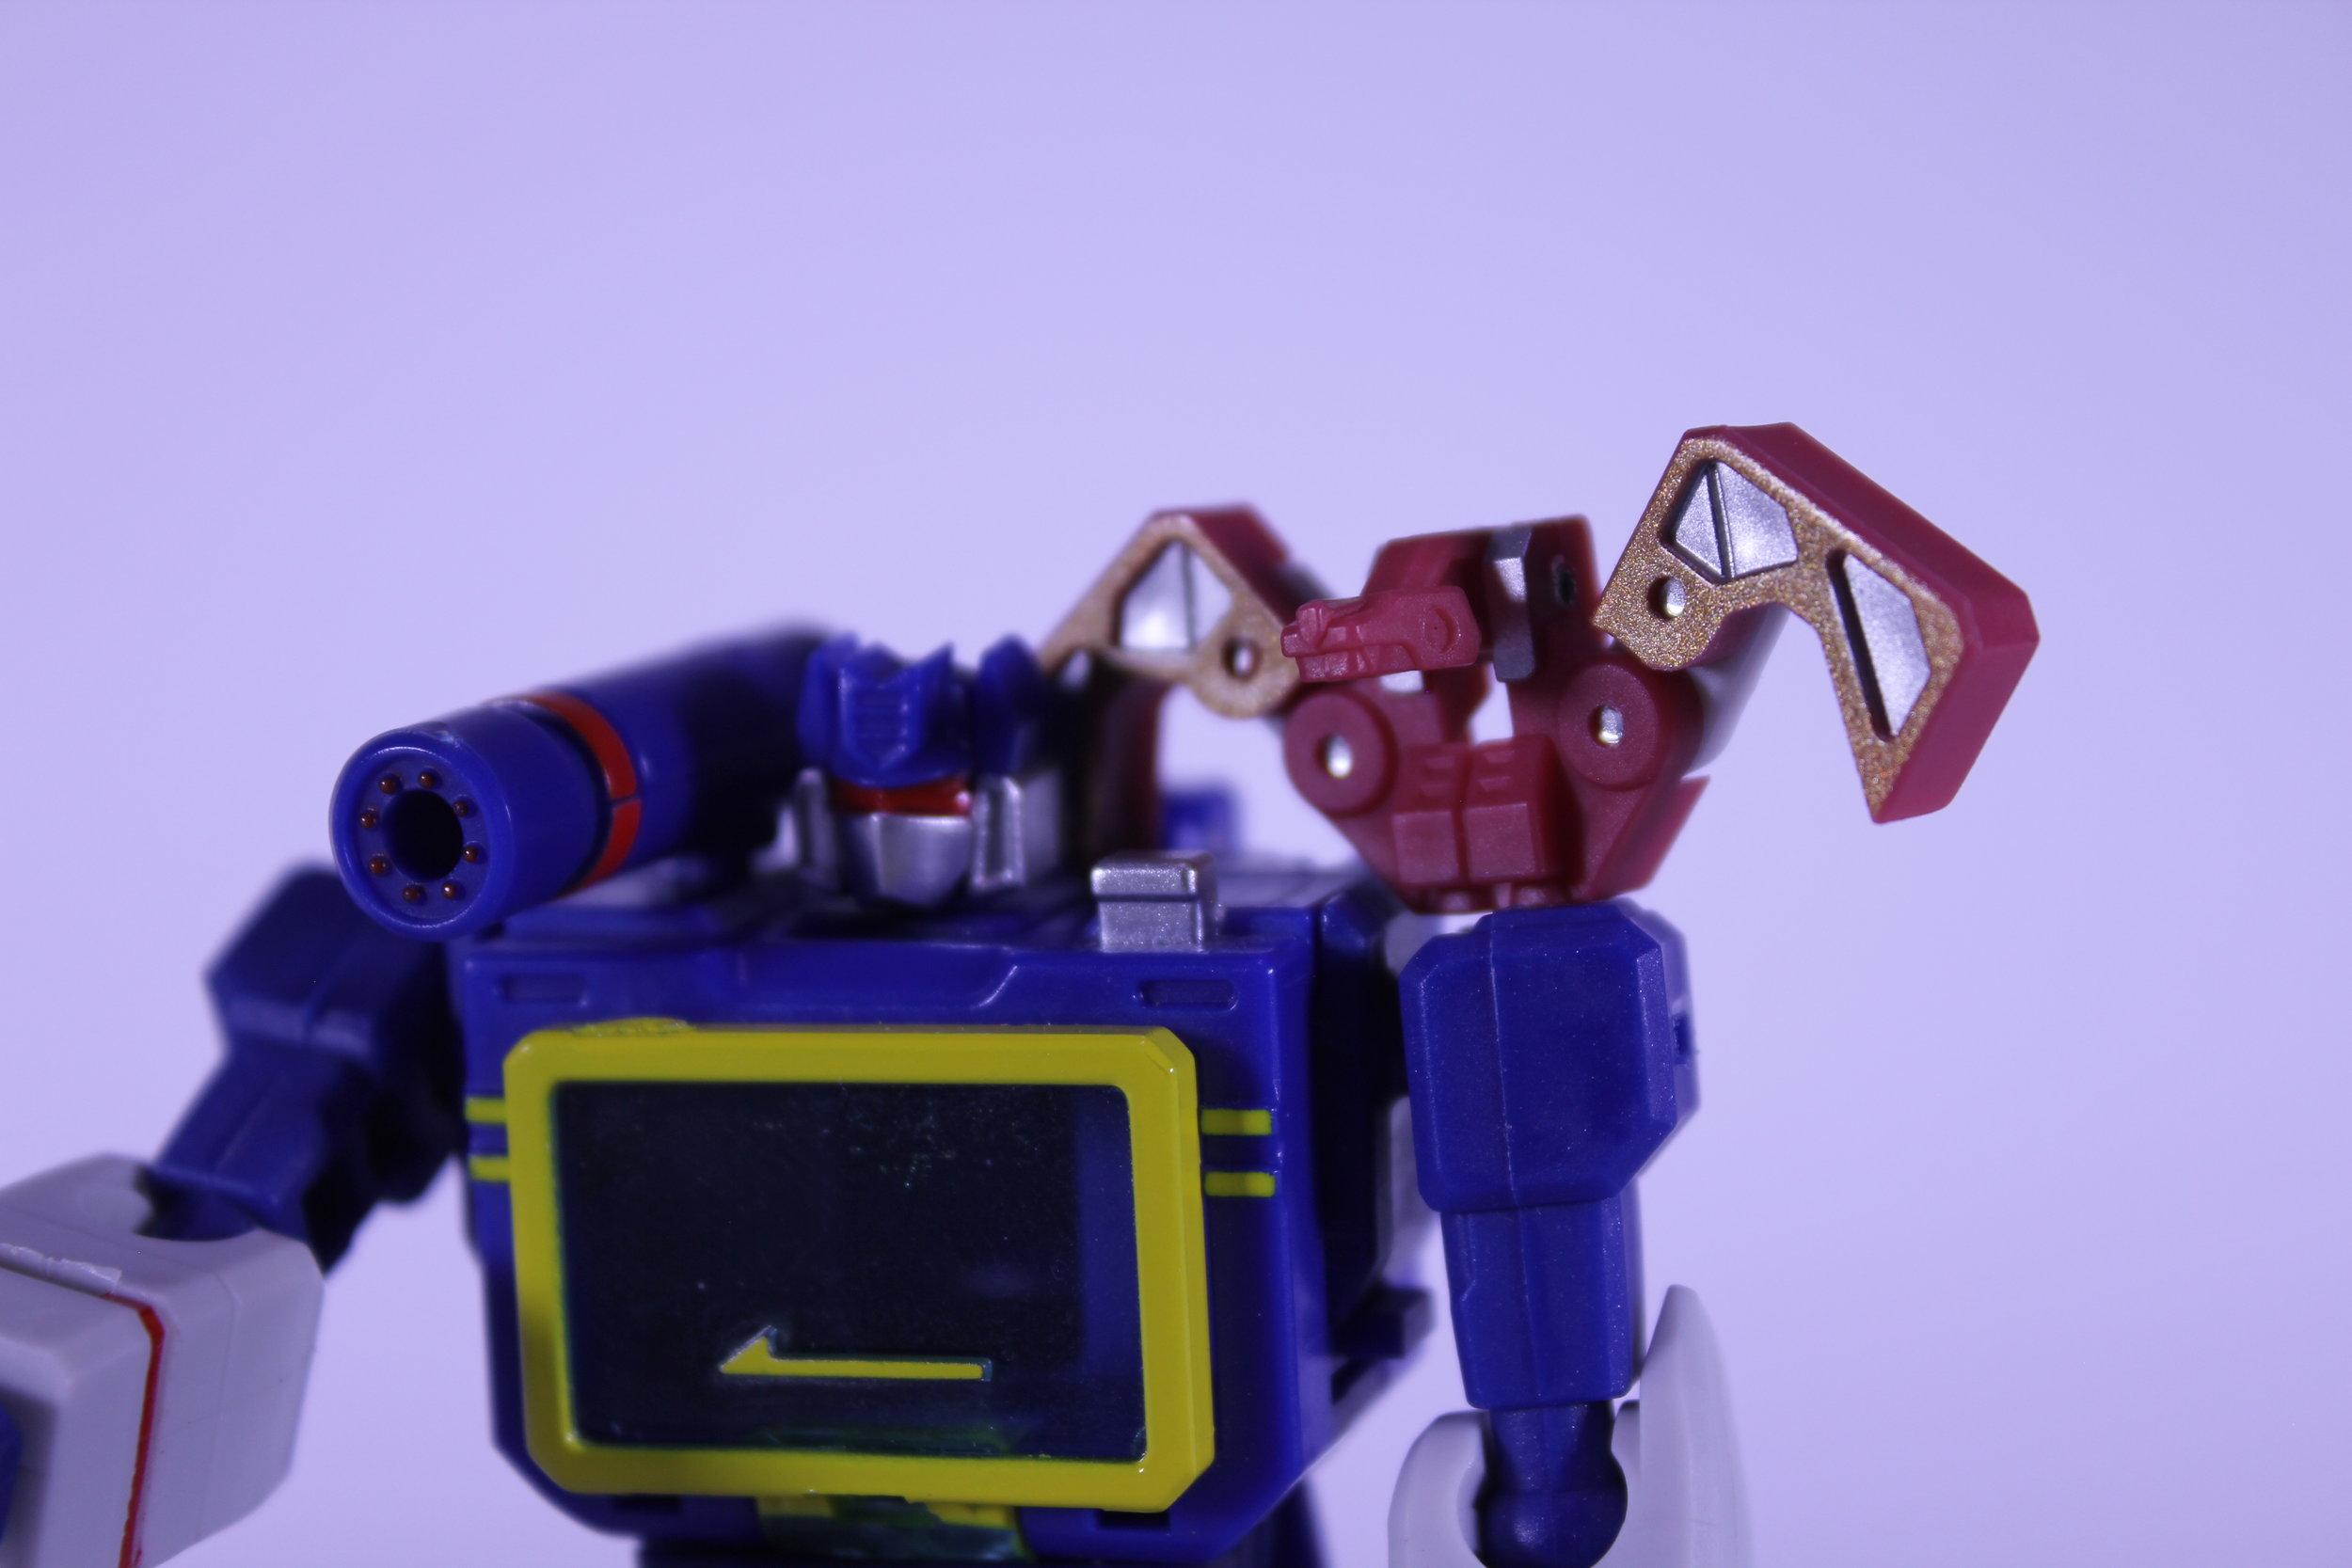 NOT Ratbat Robot Mode